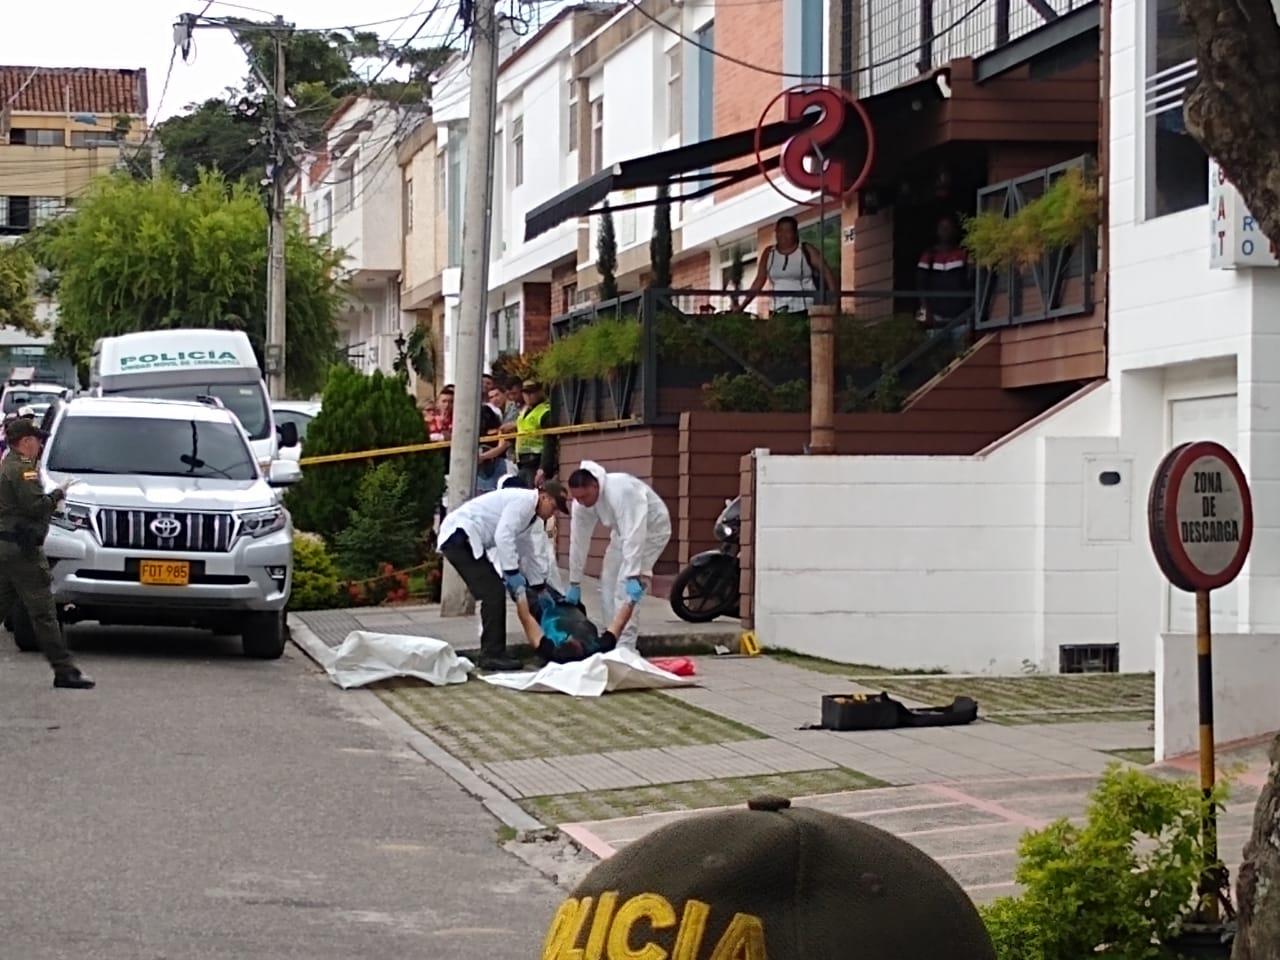 Tiradores profesionales asesinaron al comerciante ultimado en cabecera | EL FRENTE